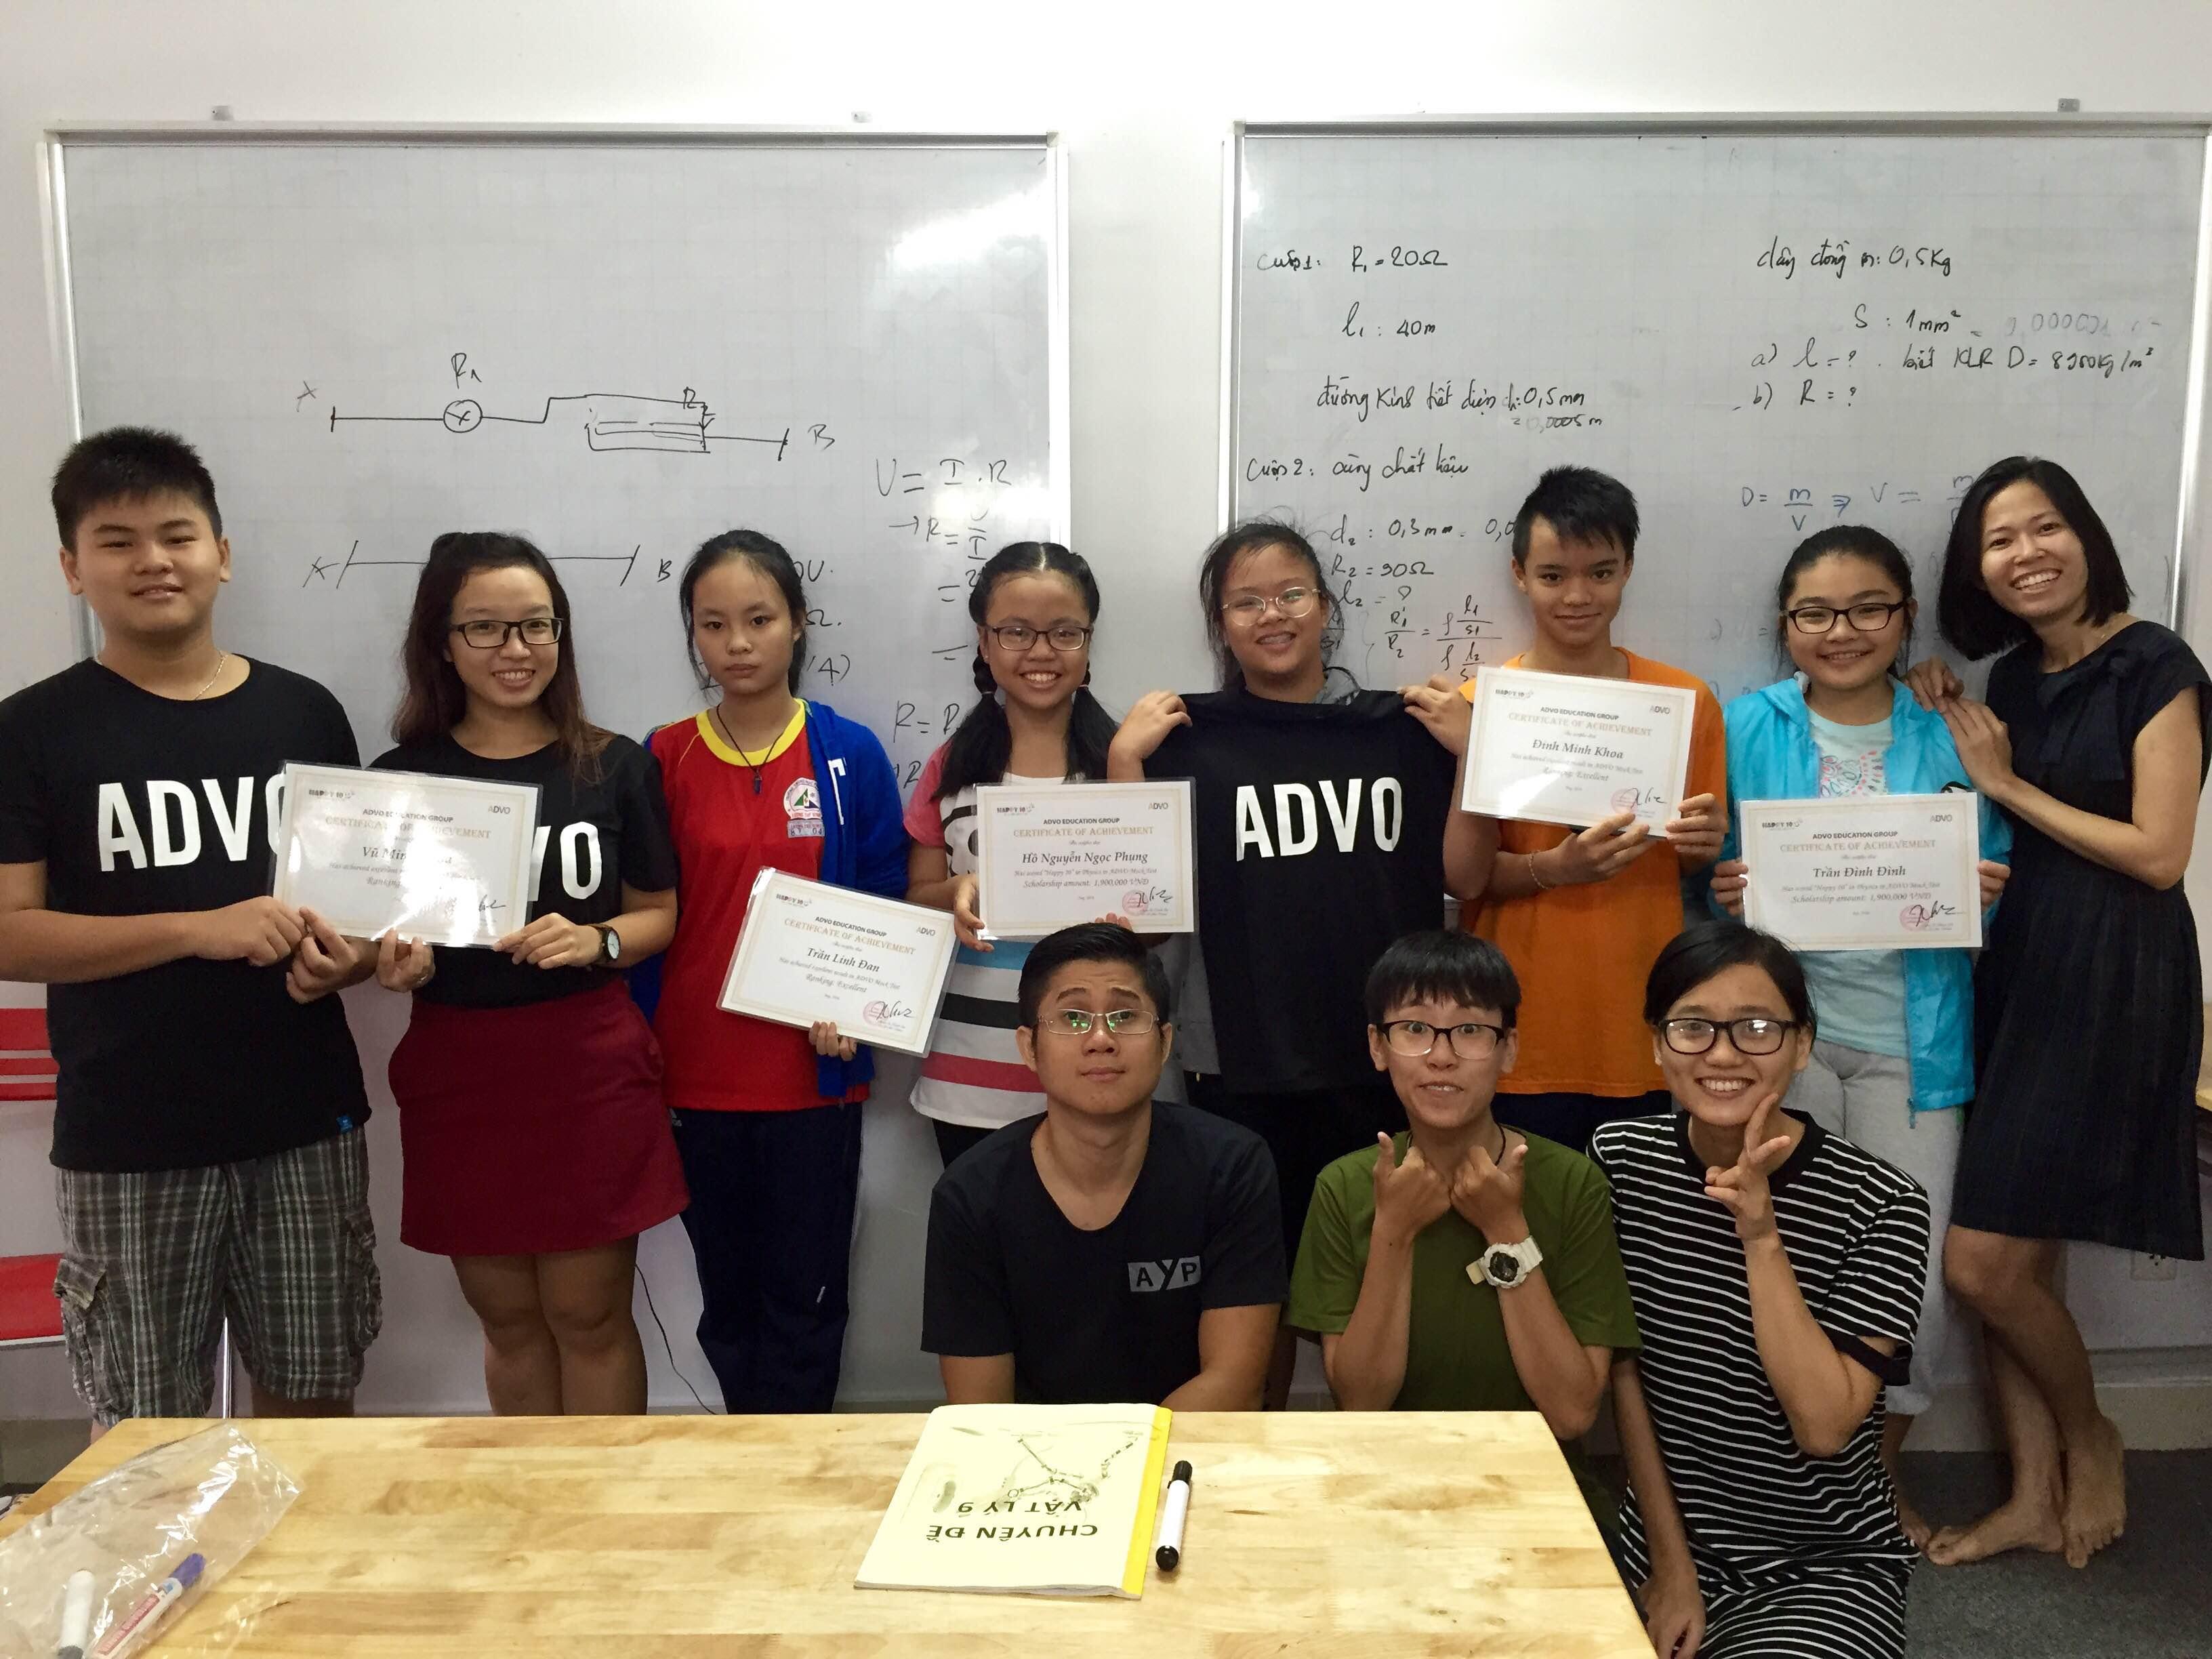 """Phụng cùng các bạn học sinh """"Happy 10"""" nhận phần thường và học bổng từ ADVO VN"""